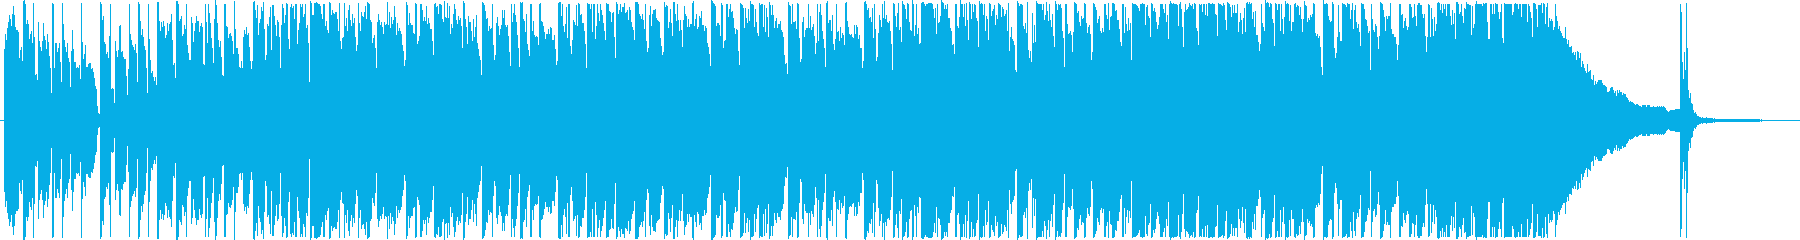 ロックバンドのジャムセッション風の再生済みの波形